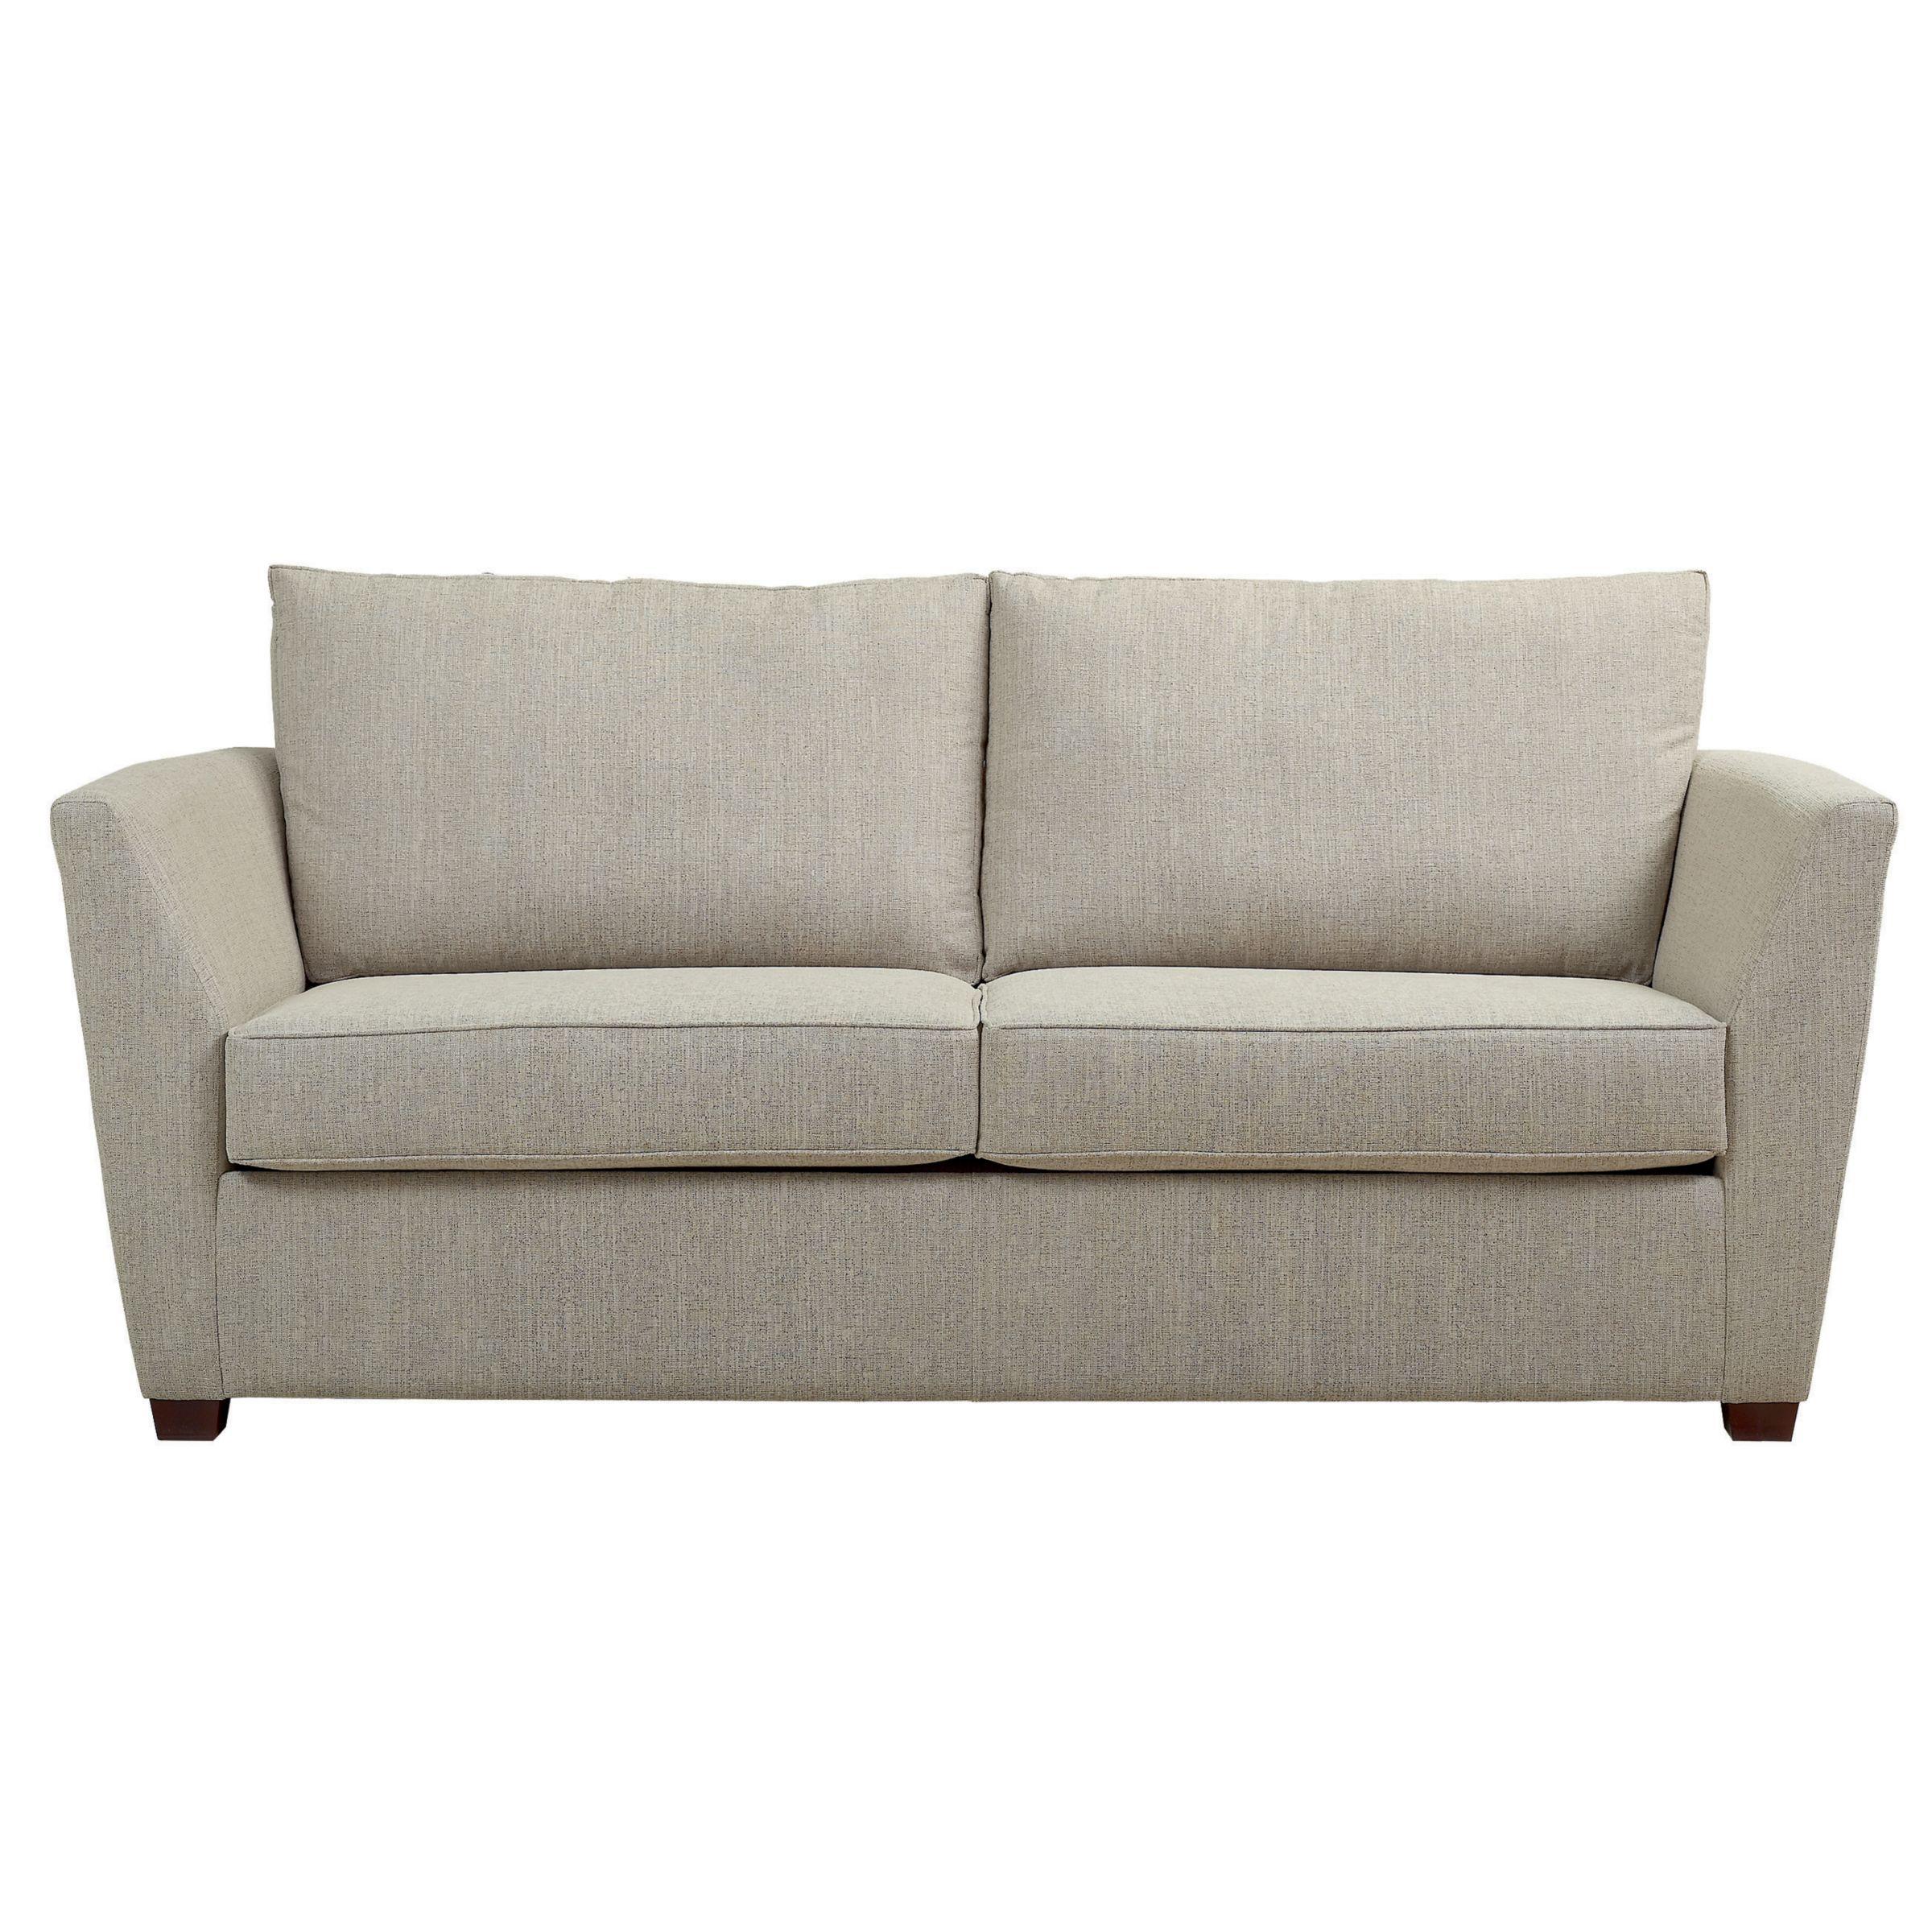 John Lewis Modern Furniture